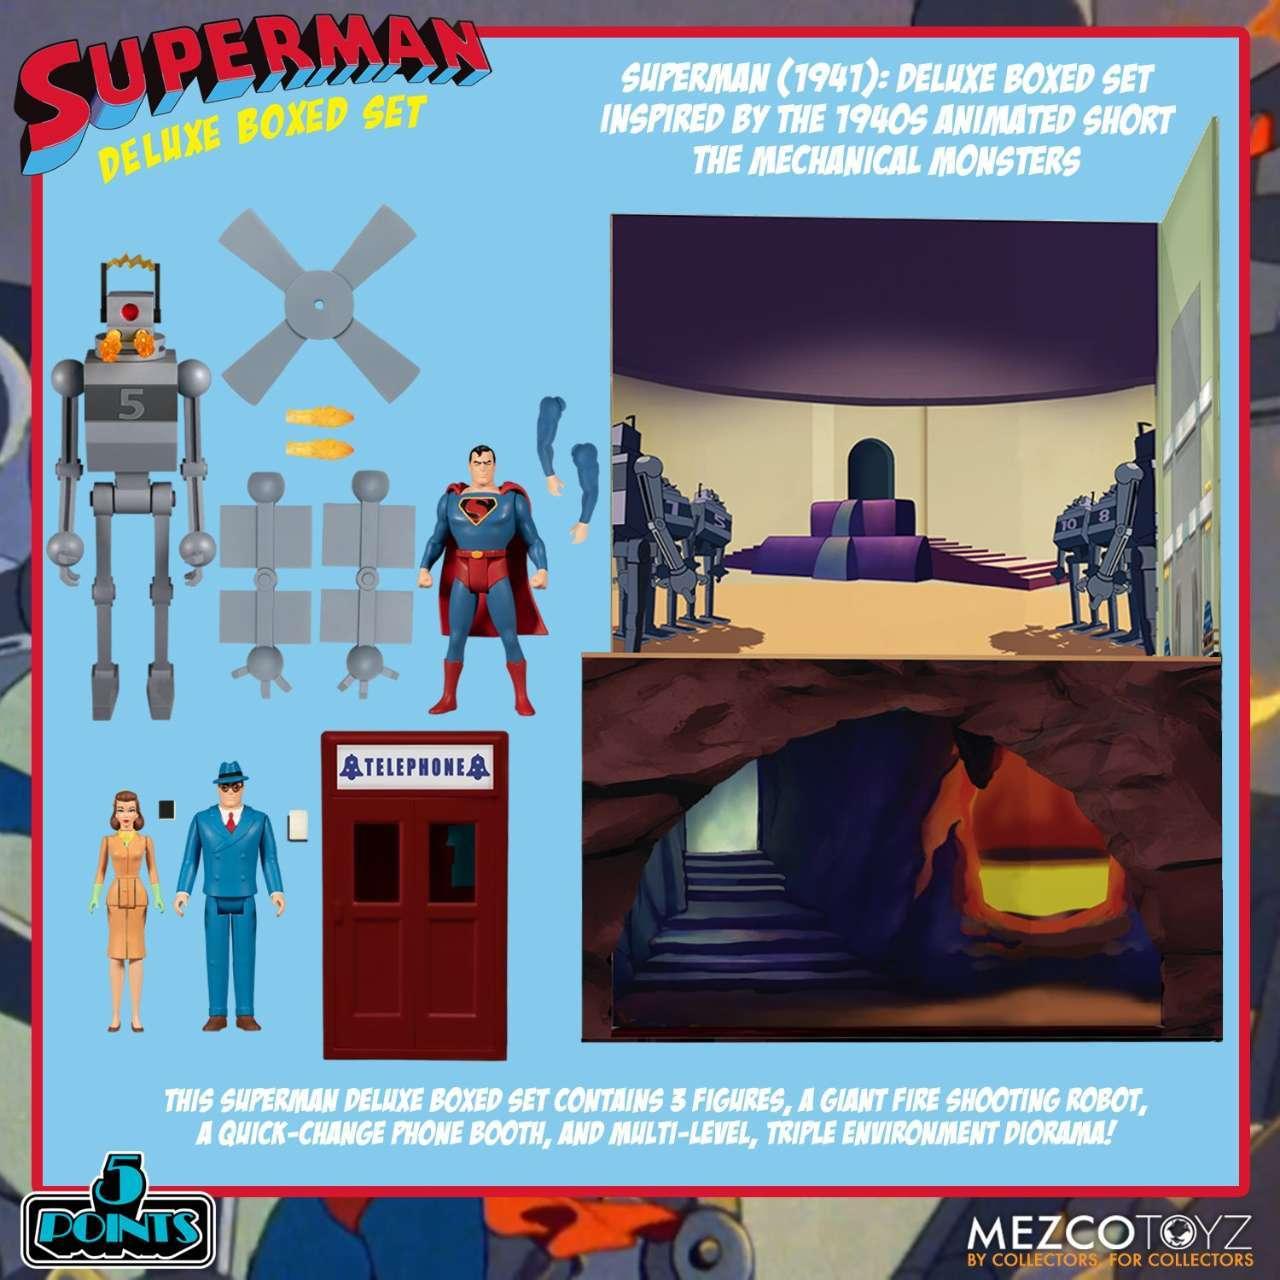 mezco-superman-1